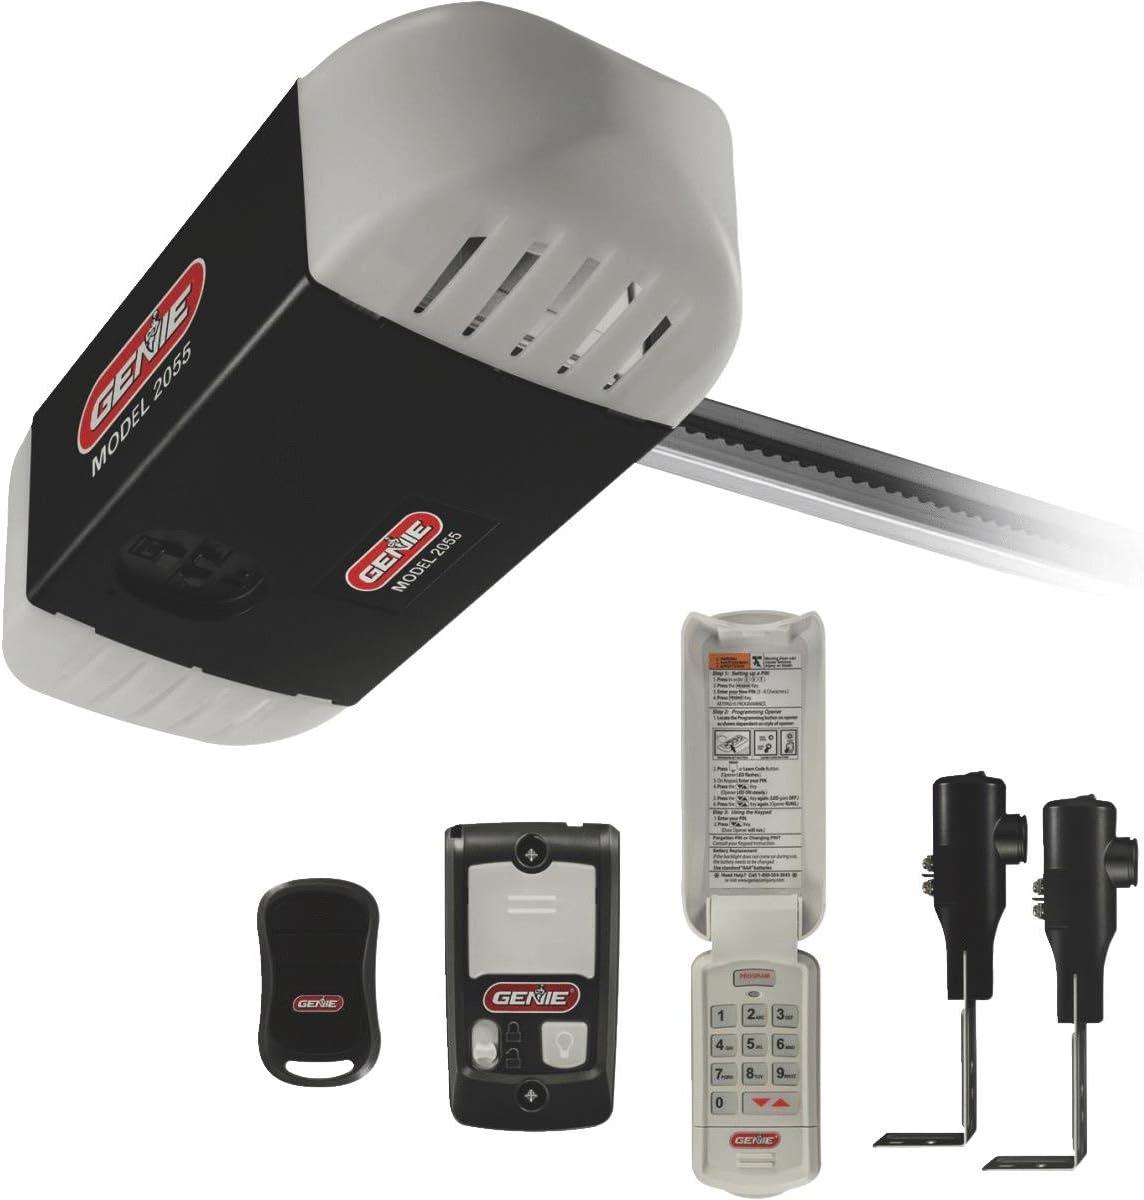 Genie 550 1/2 HPc Belt Drive Garage Door Opener